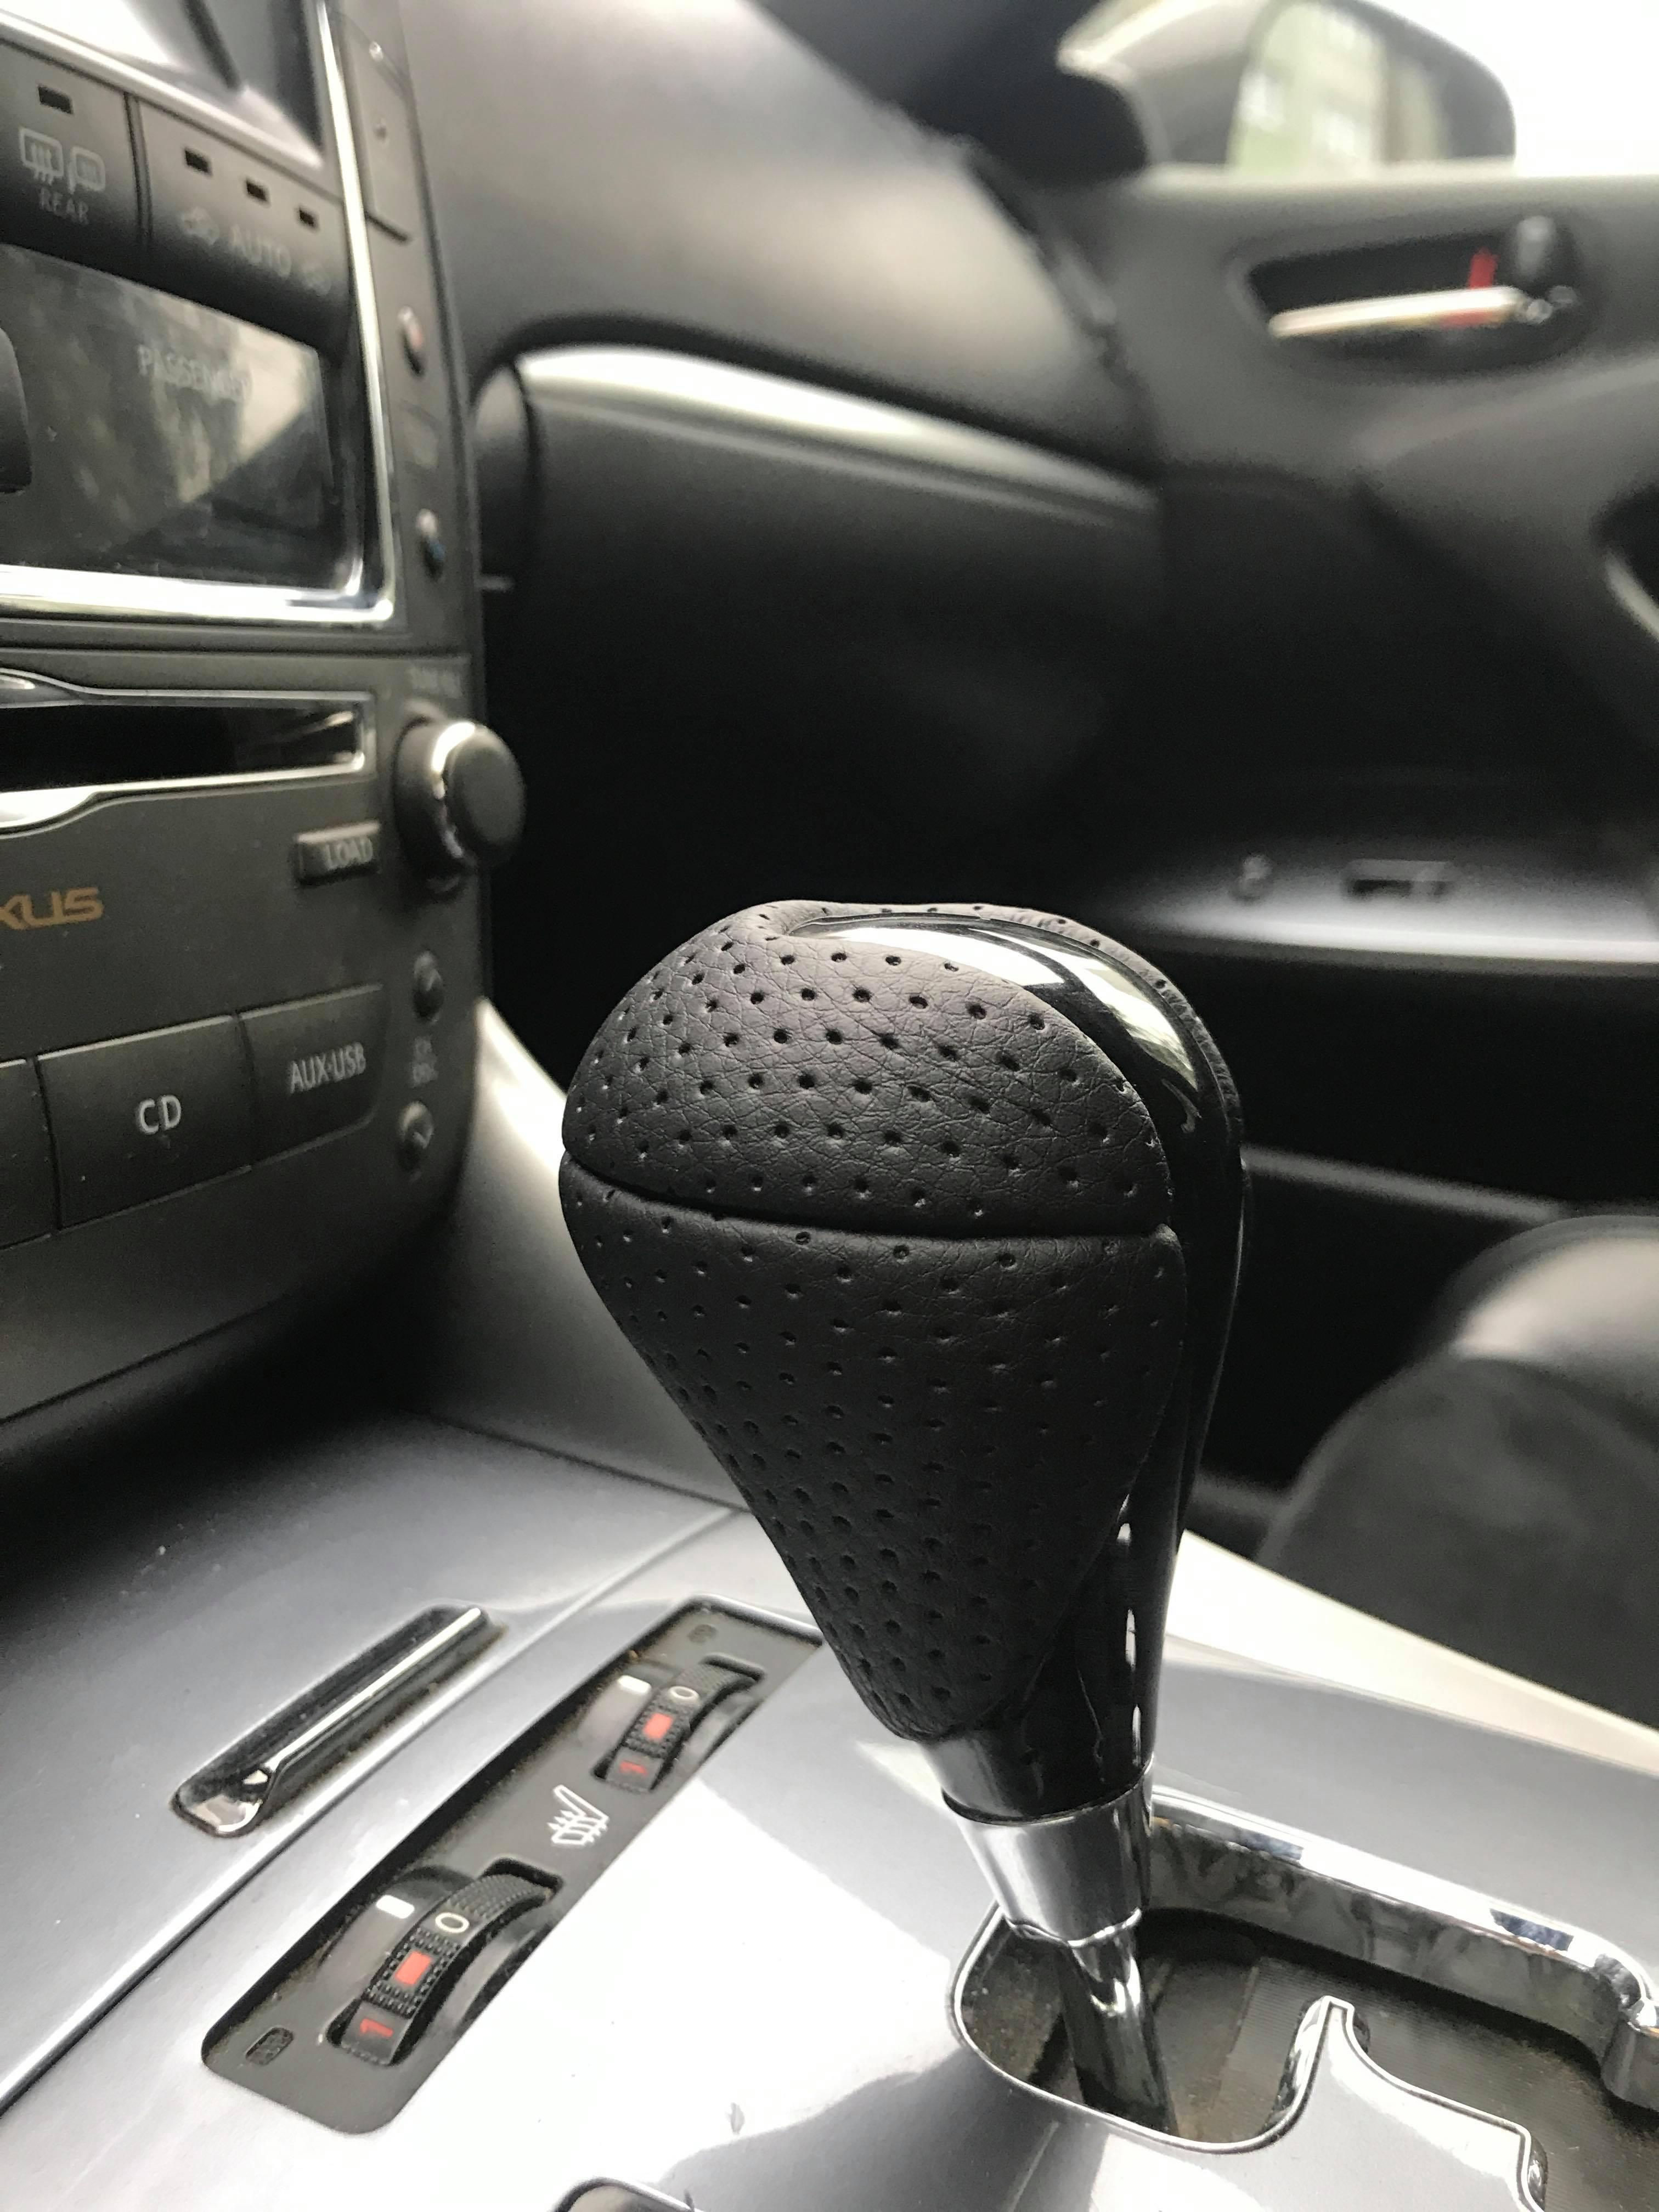 Nikou Gear Shift Knob Car Carbon Fiber Gear Shift Knob Compatible with Lexus ES300 GS300 IS250 LS400